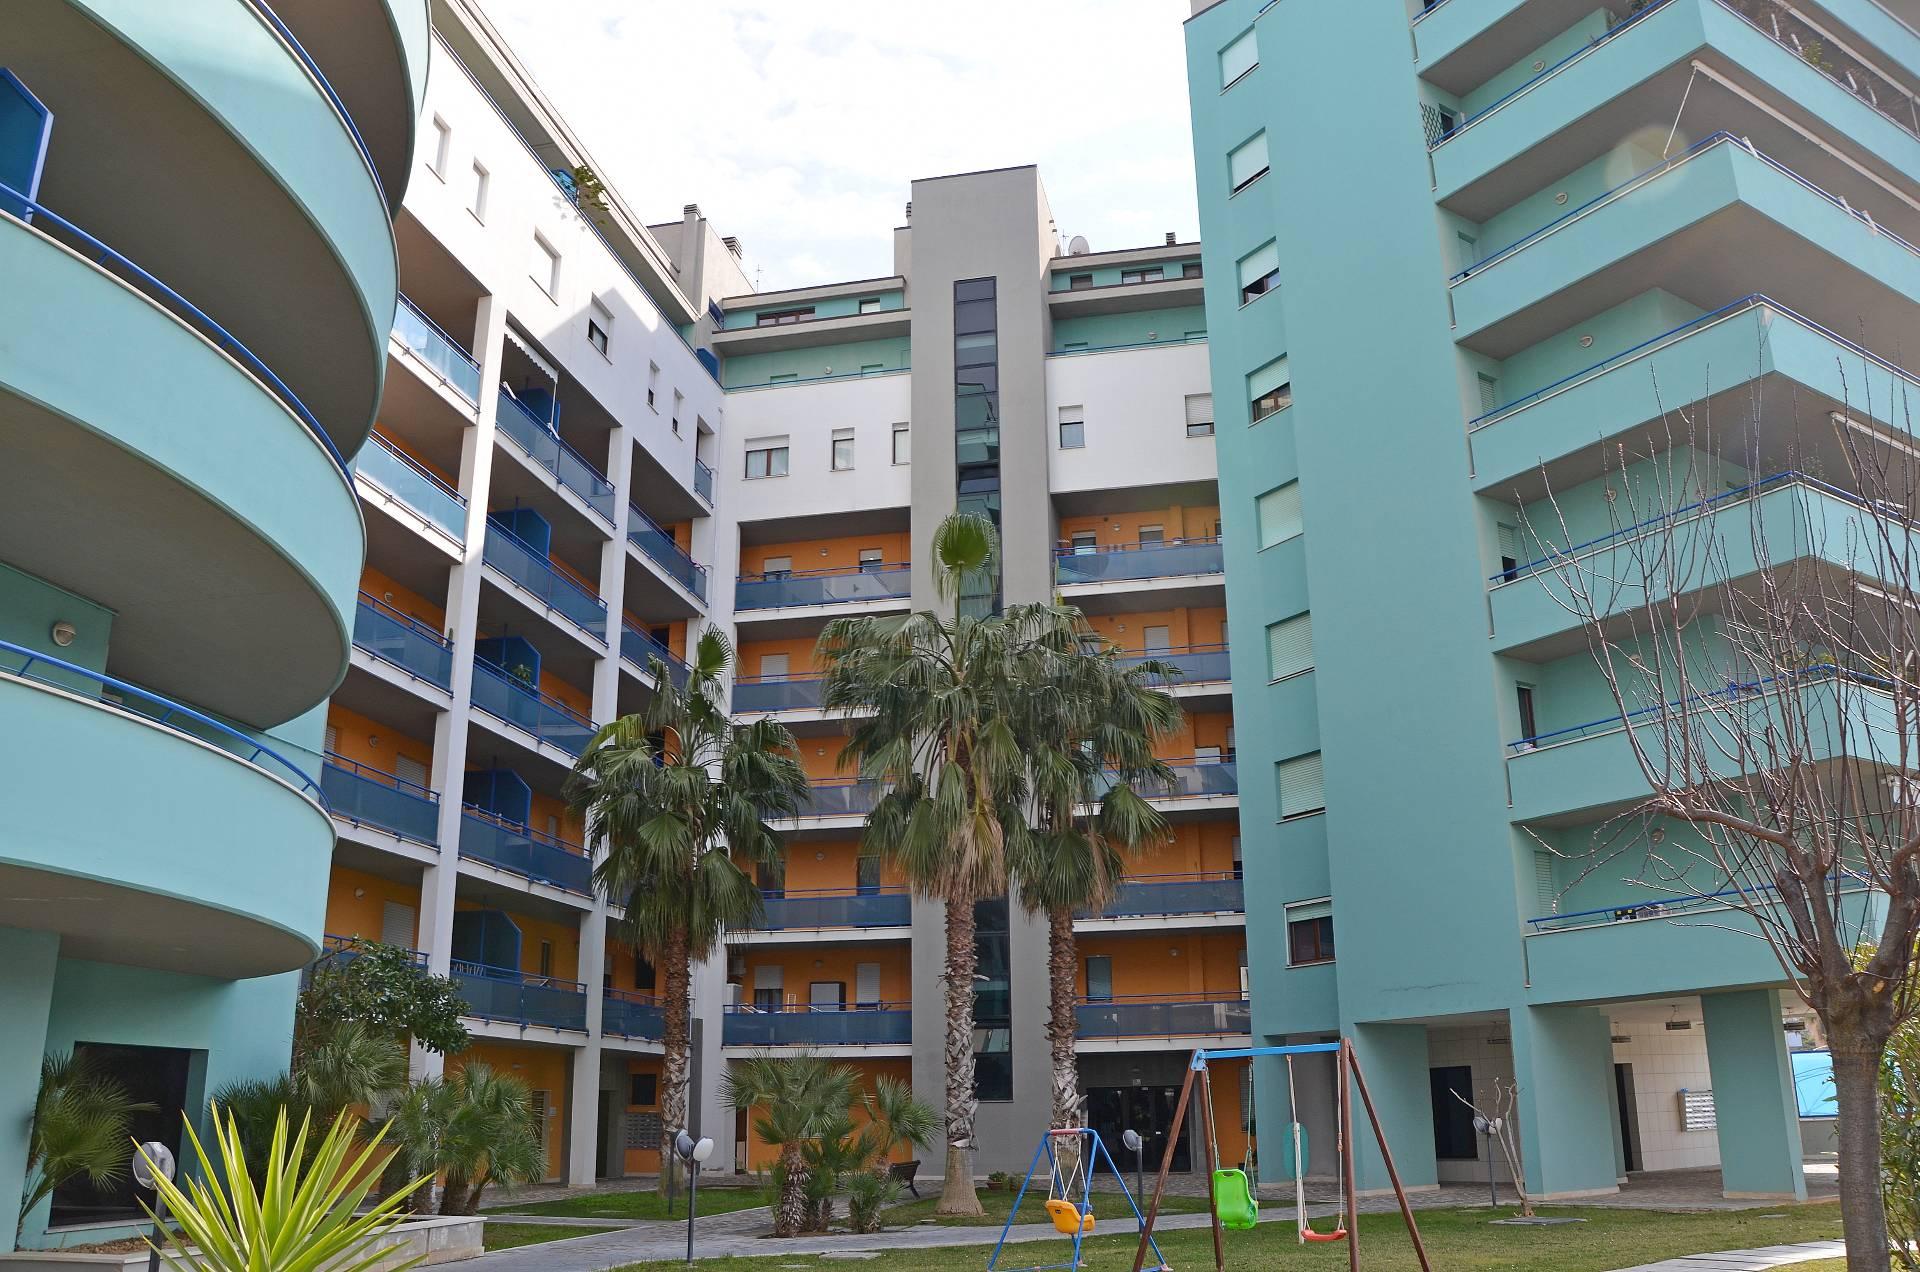 Appartamento in vendita a Montesilvano, 3 locali, zona Località: centro, prezzo € 149.000 | CambioCasa.it